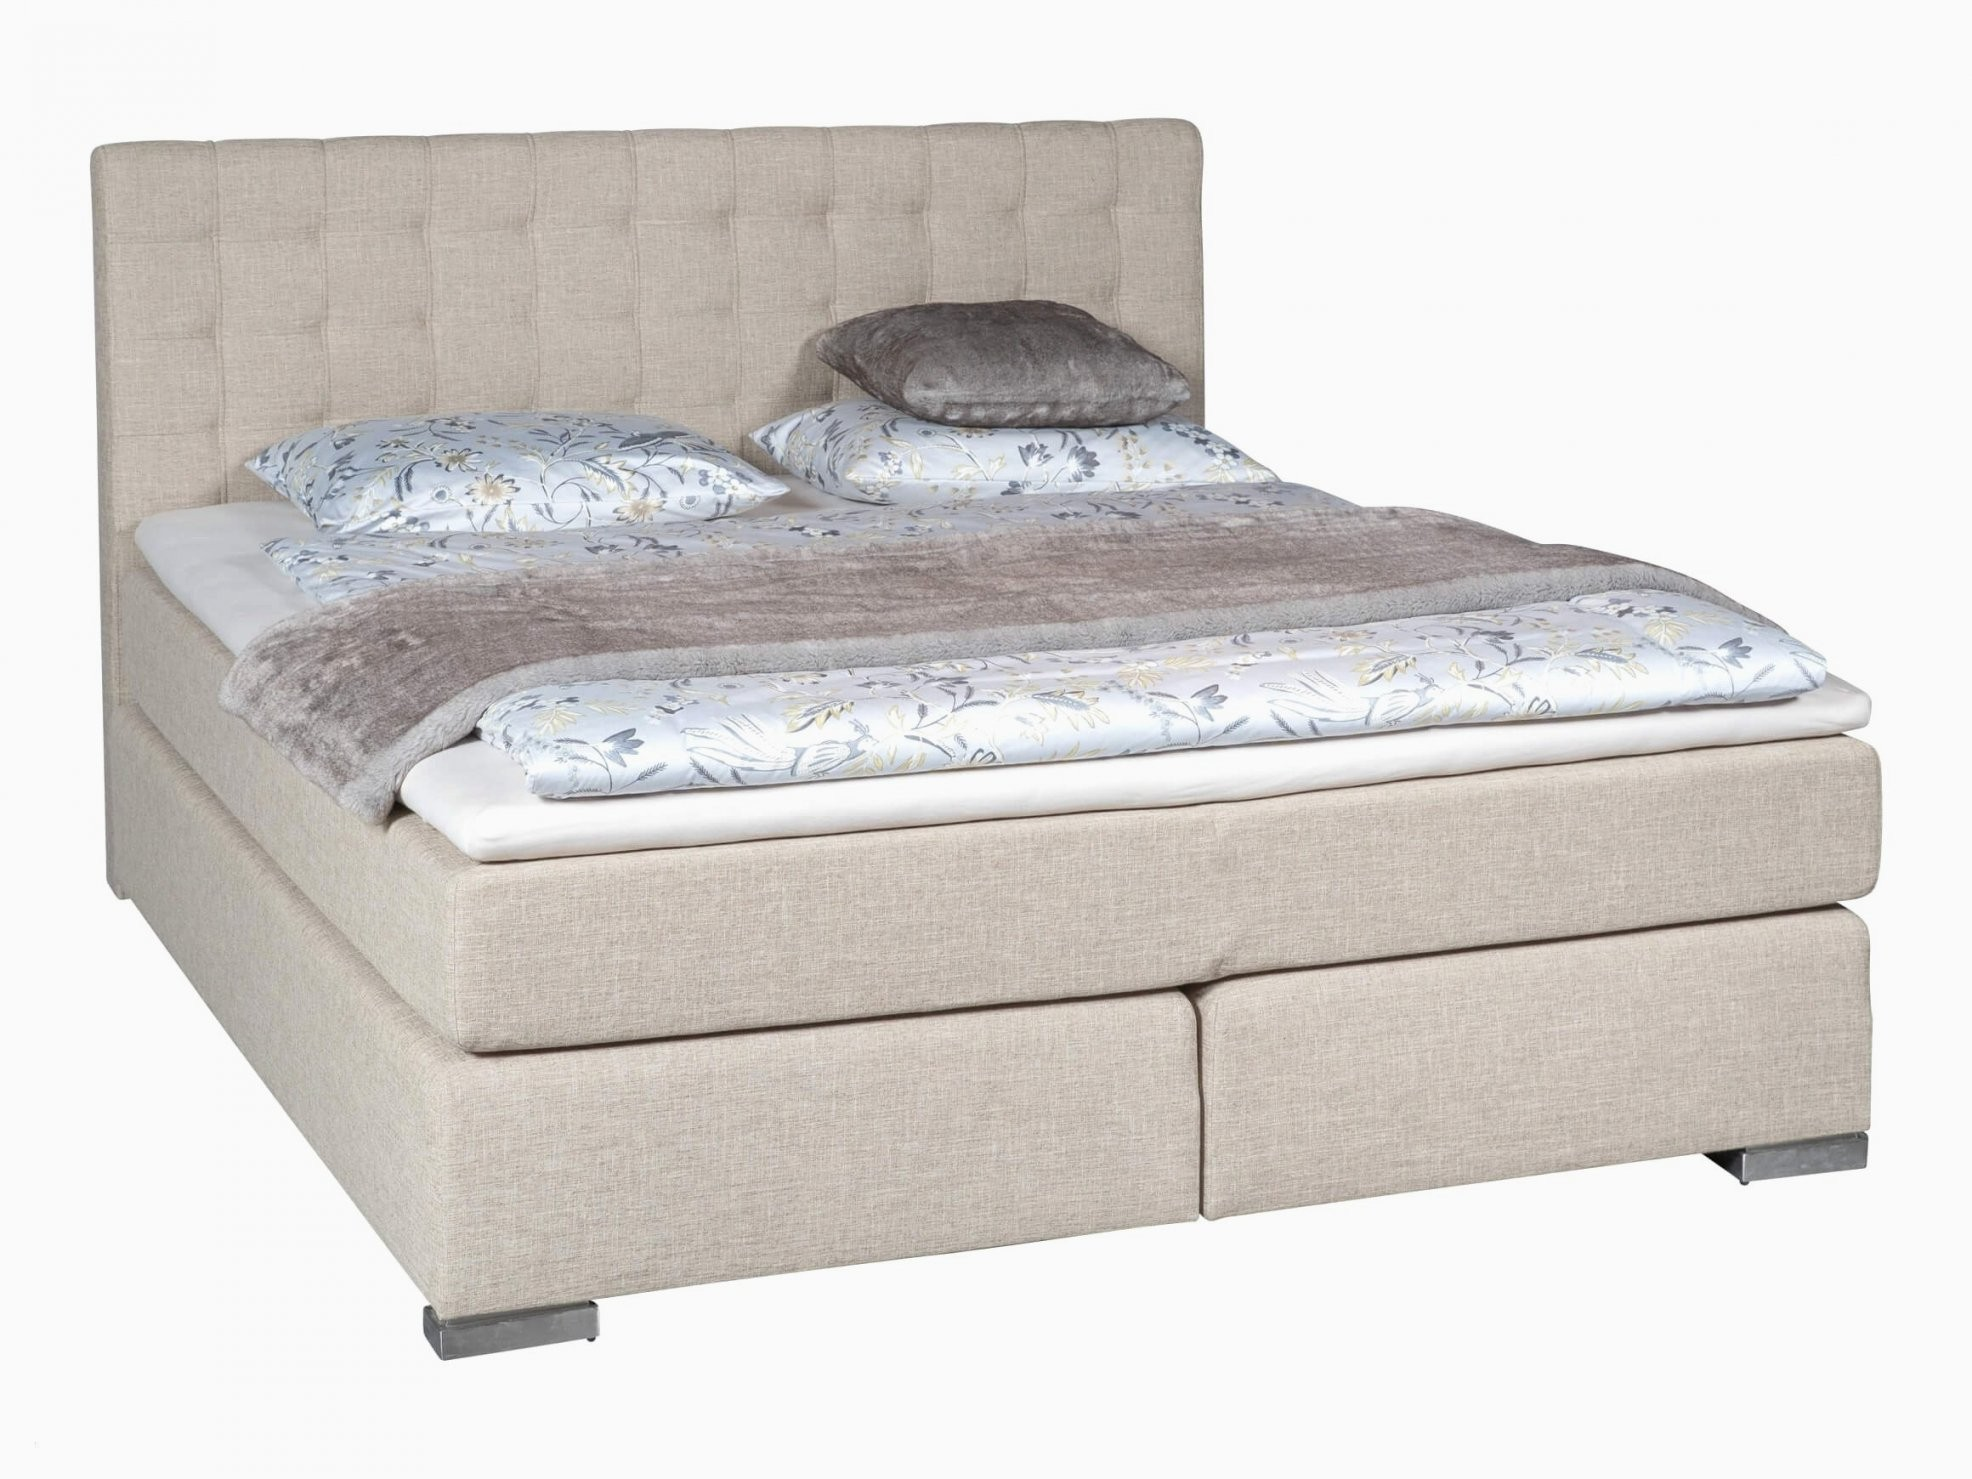 15 Luxus Aldi Matratze 100X200  Sanpas Home Decor von Boxspring Matratze 100X200 Photo